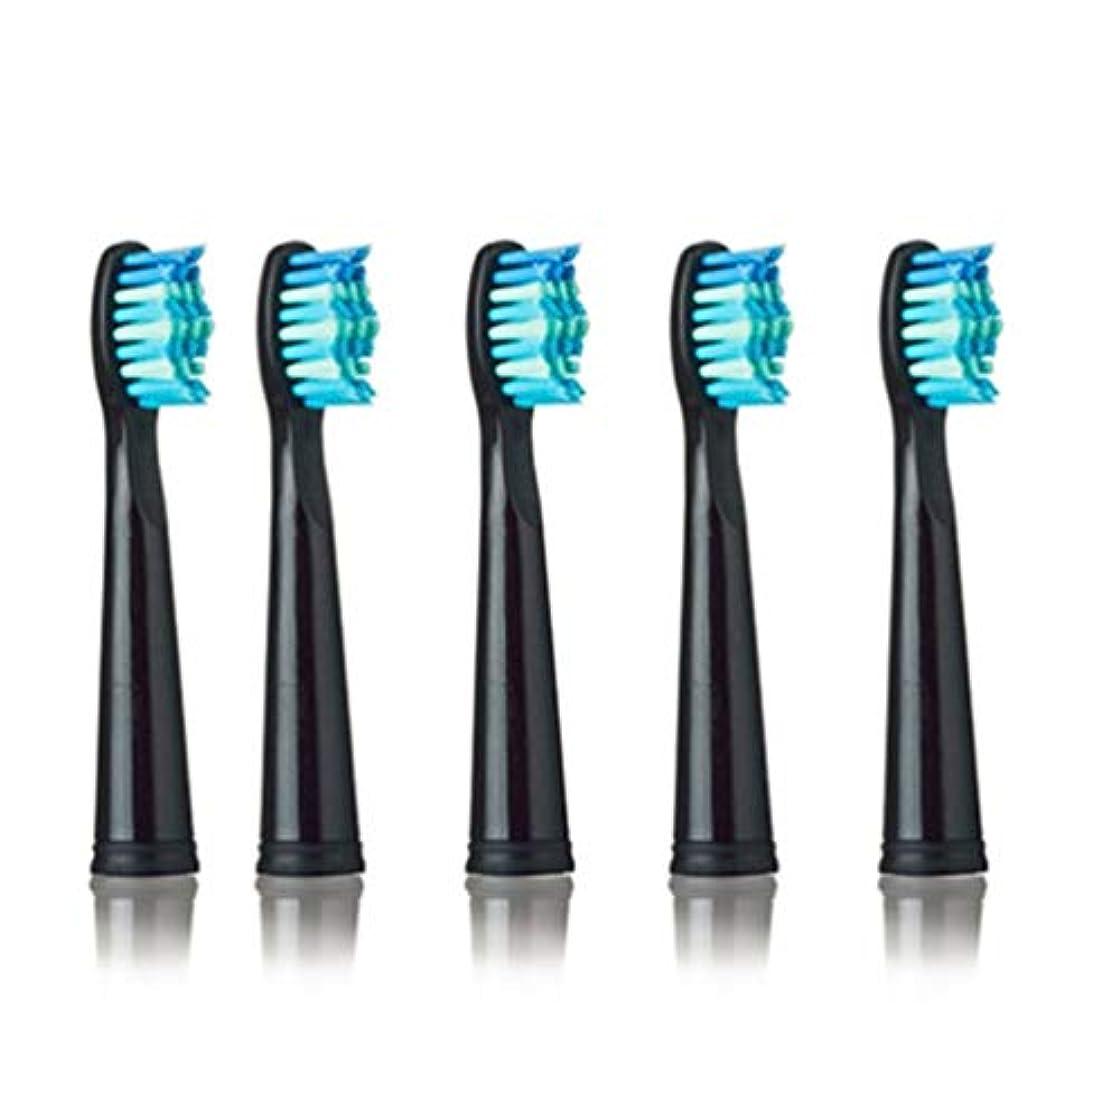 熟す担当者正確なSEAGO 949/507/610/659用電動歯ブラシヘッド抗菌自動歯ブラシヘッド電動歯ブラシ - ブラック